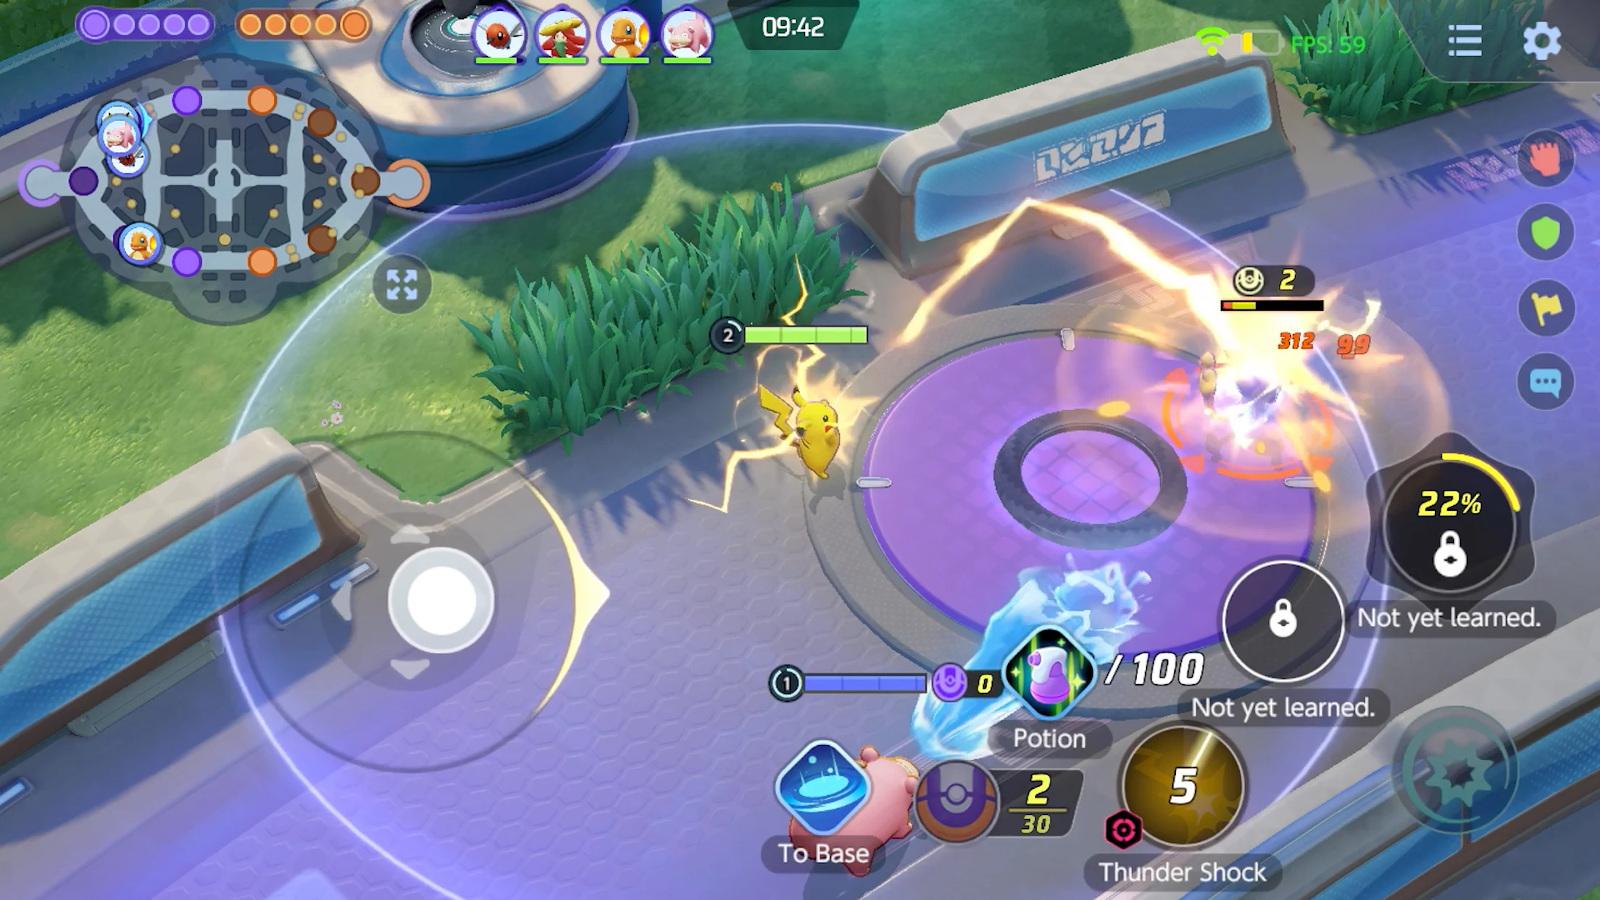 ภาพตัวอย่าง Pokemon Unite เกม MOBA ล่าสุดจากแฟรนไชส์ Pokemon